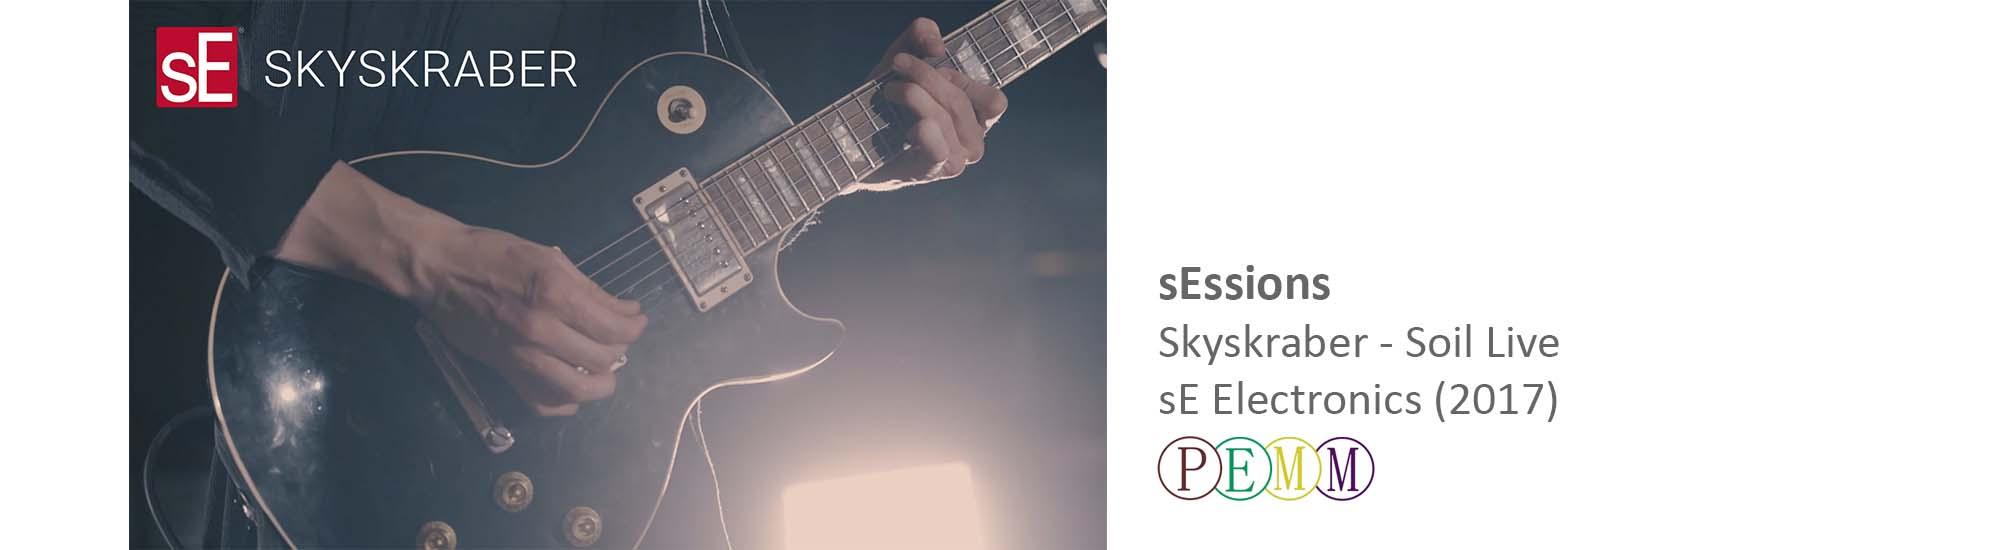 frederik brandt jakobsen sessions se electronics skyskraber soil live